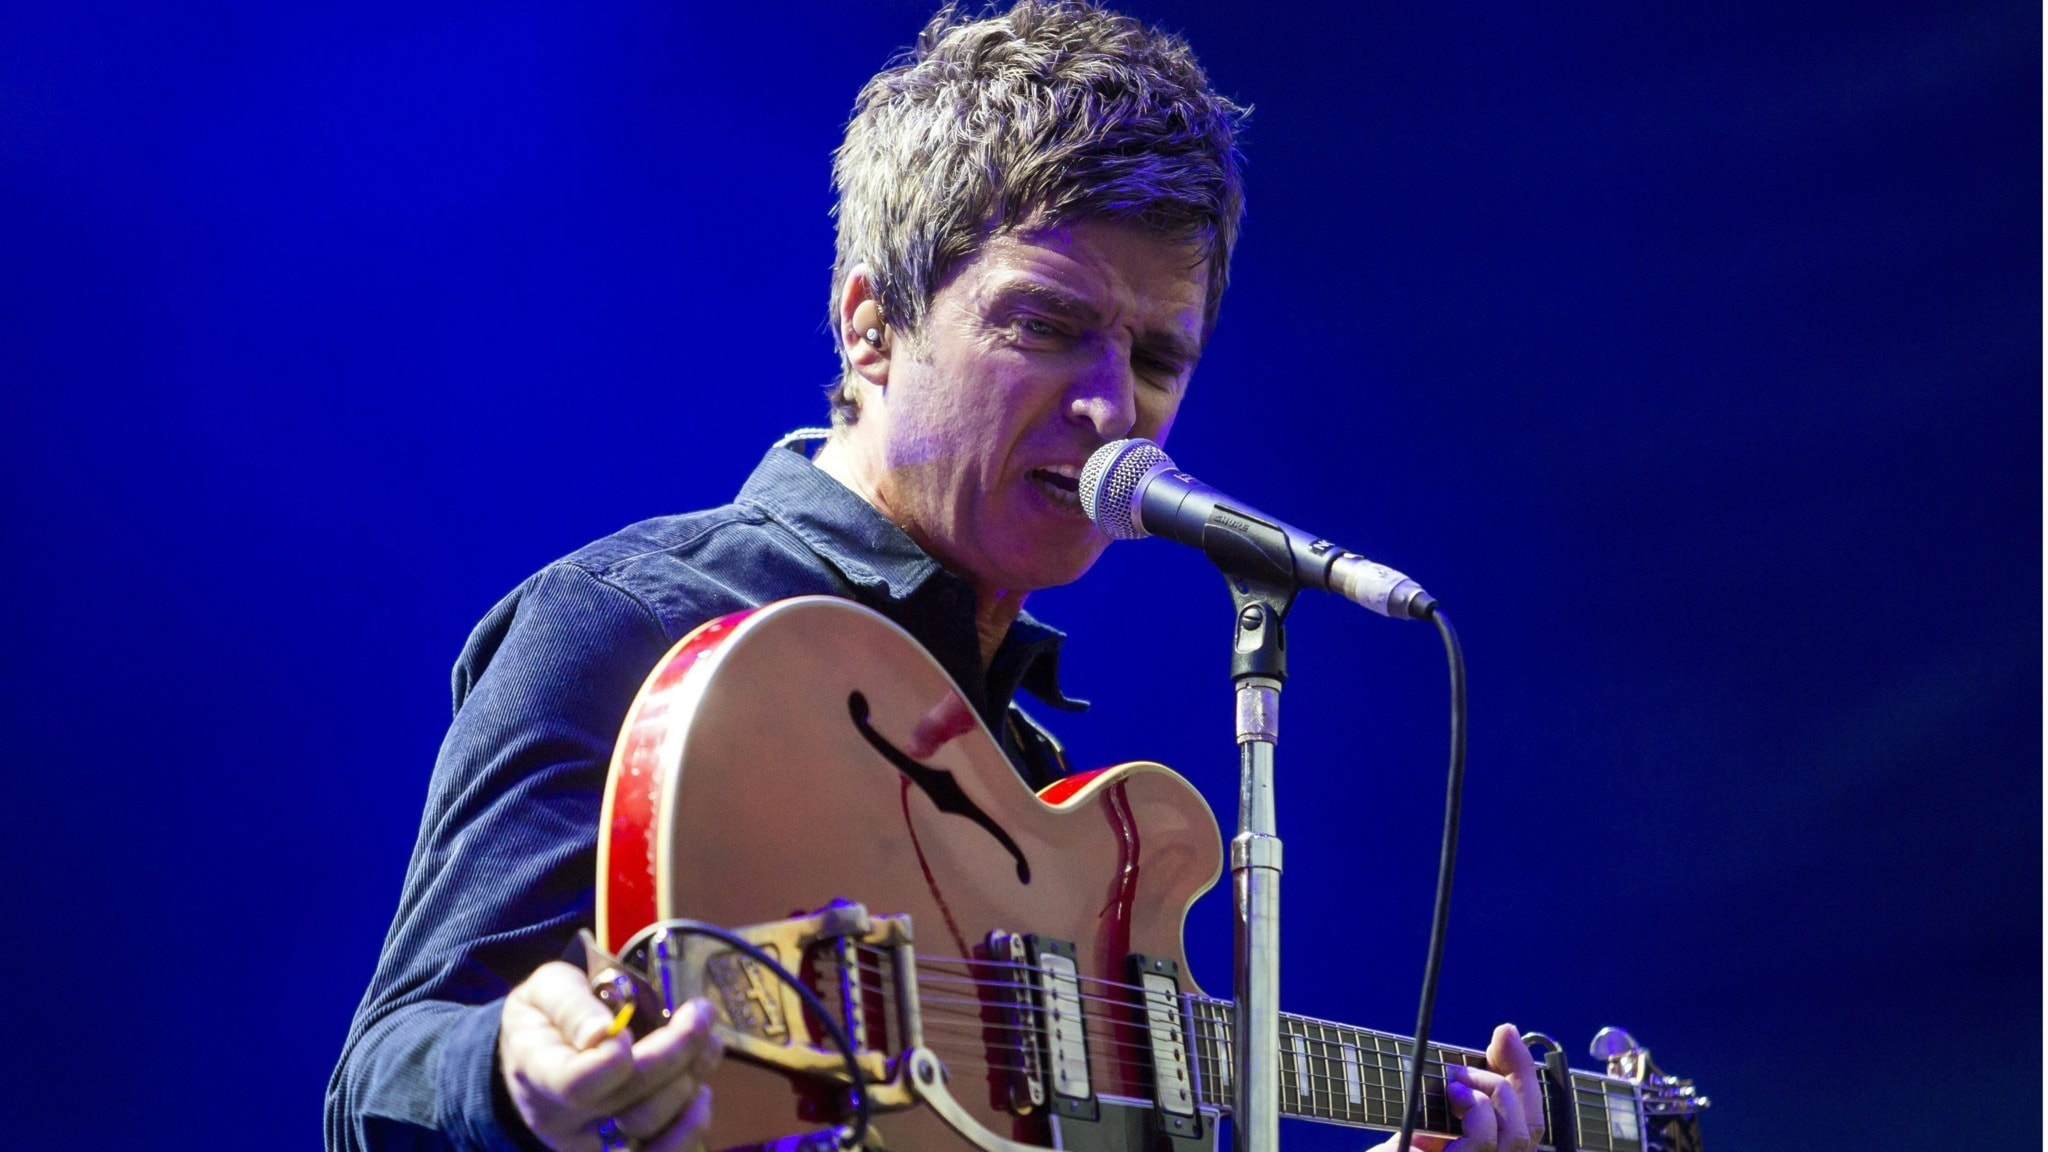 Noel Gallagher firar 10 år som soloartist under 2021.